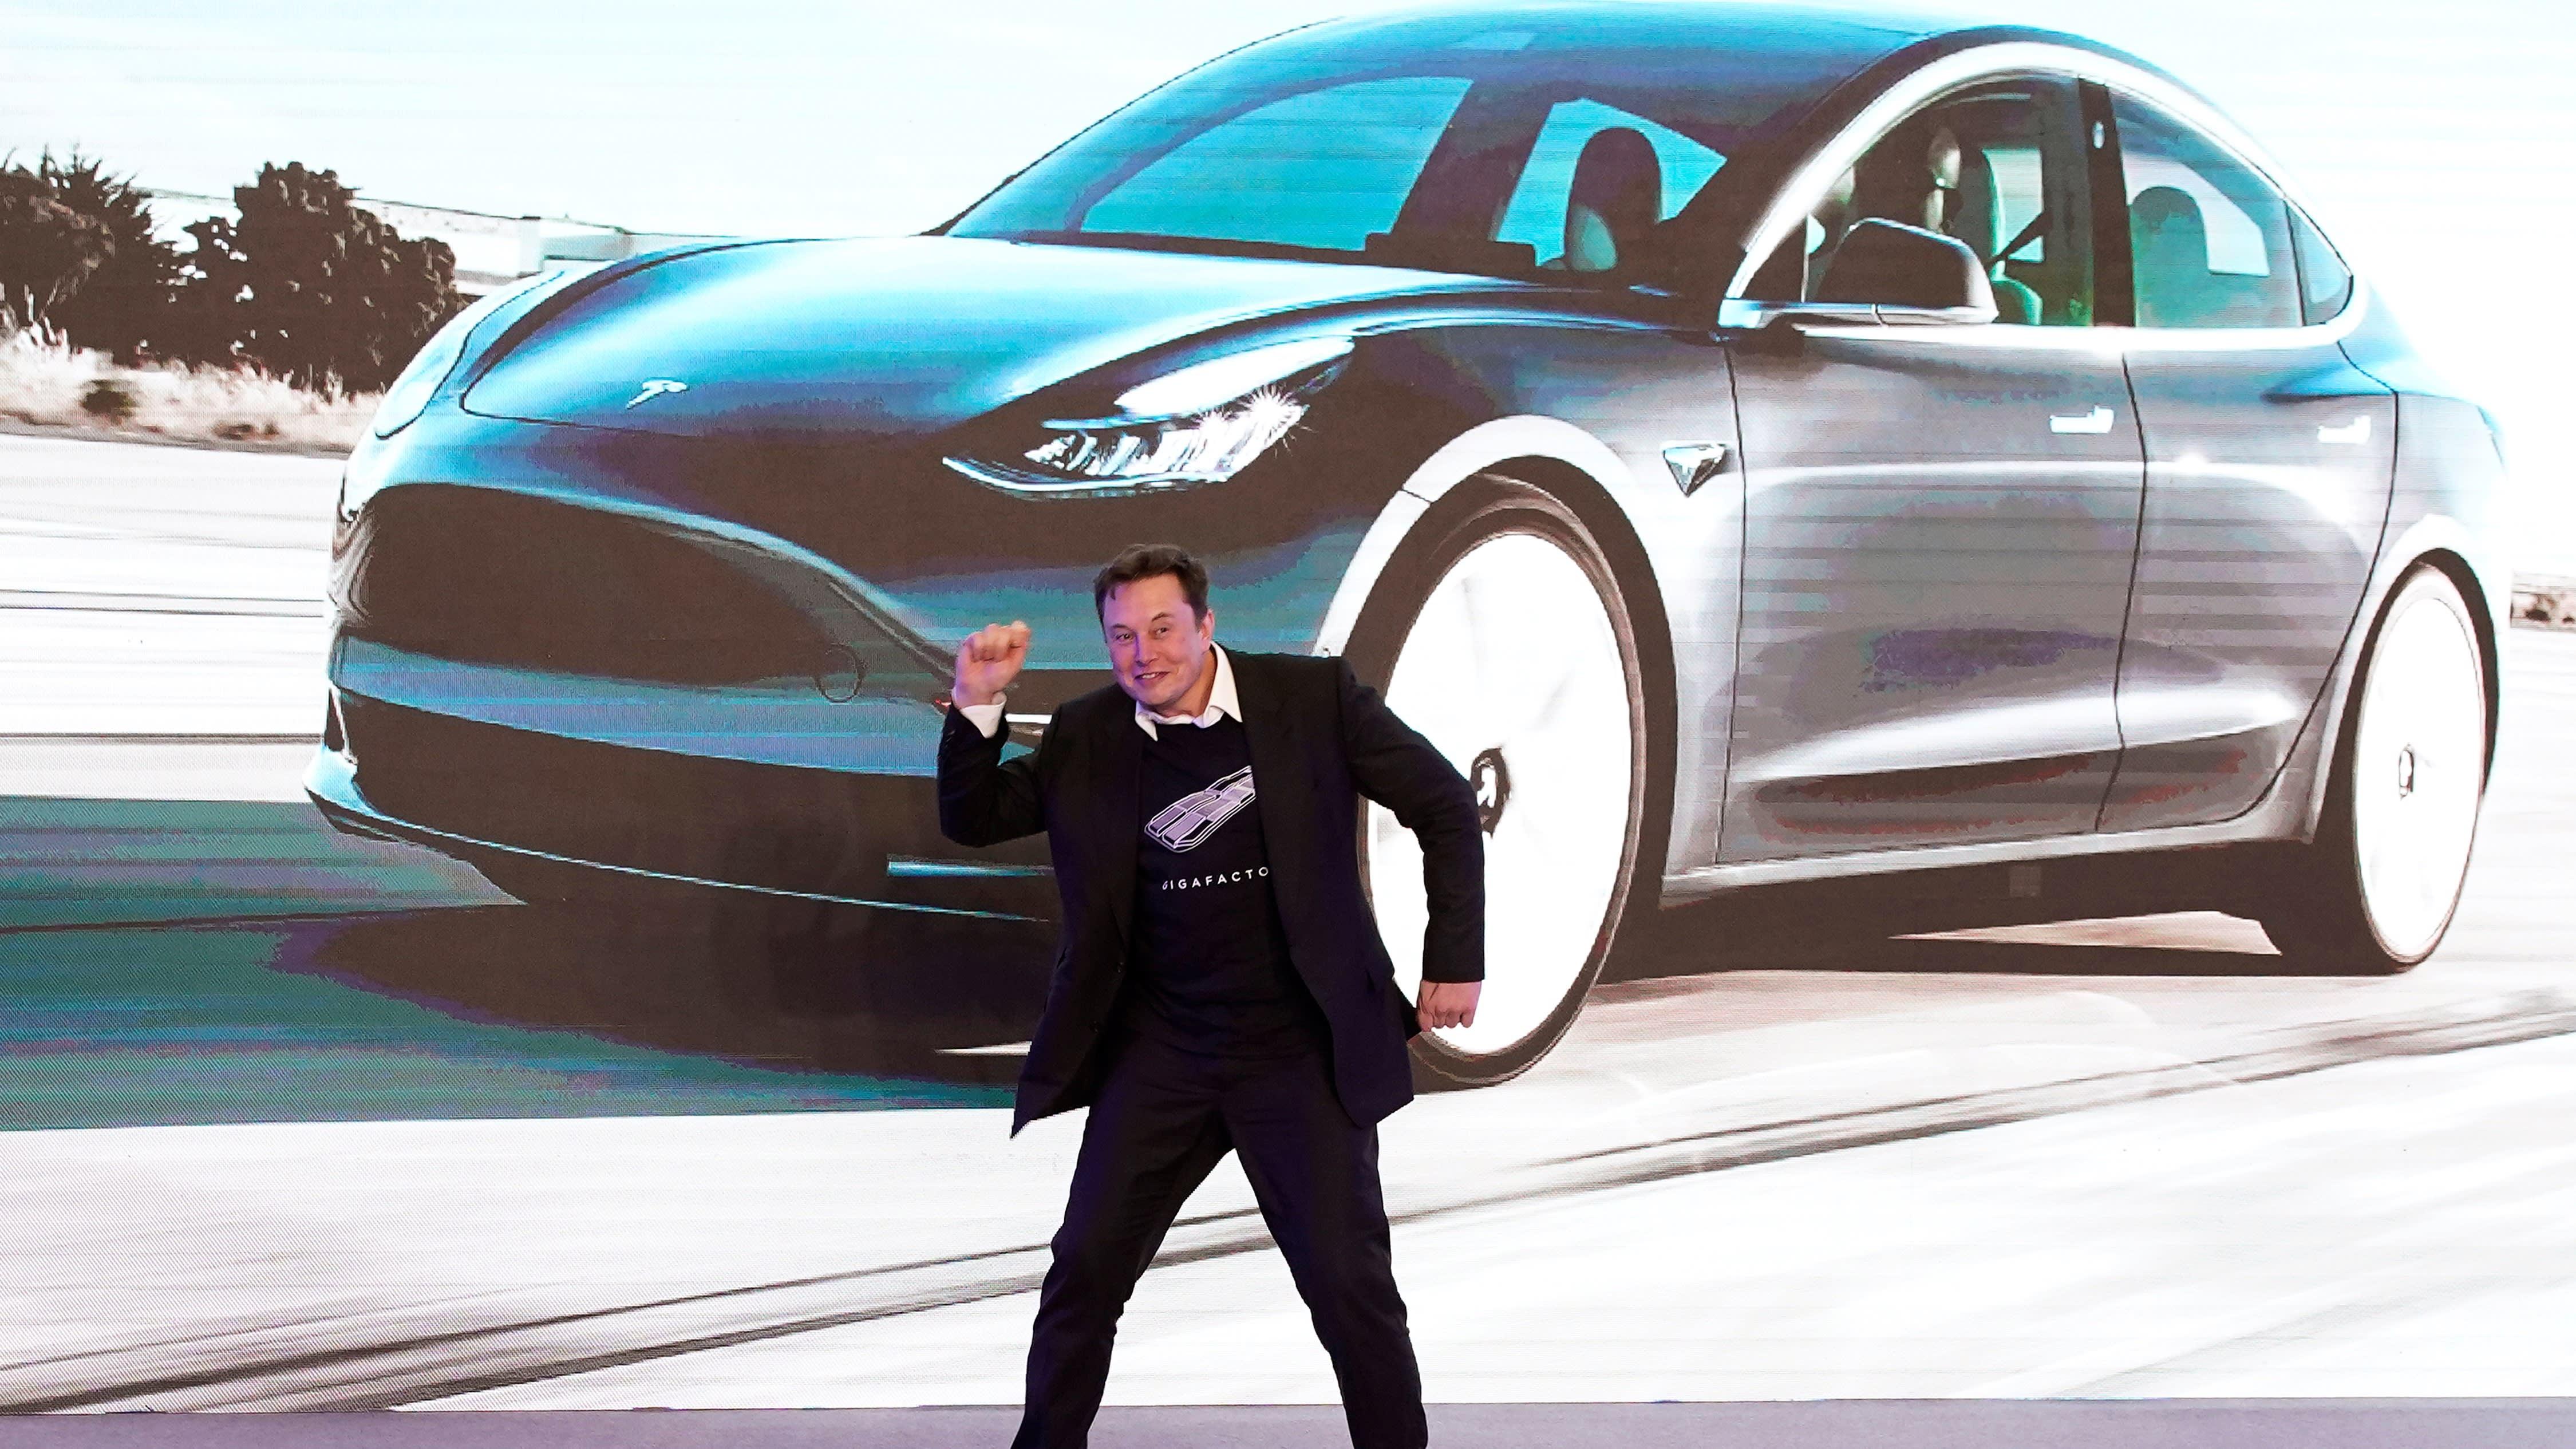 تسلا در بازار آمریکا از آئودی پیشی گرفت؛ چهارمین برند پرفروش بین خودروهای لوکس